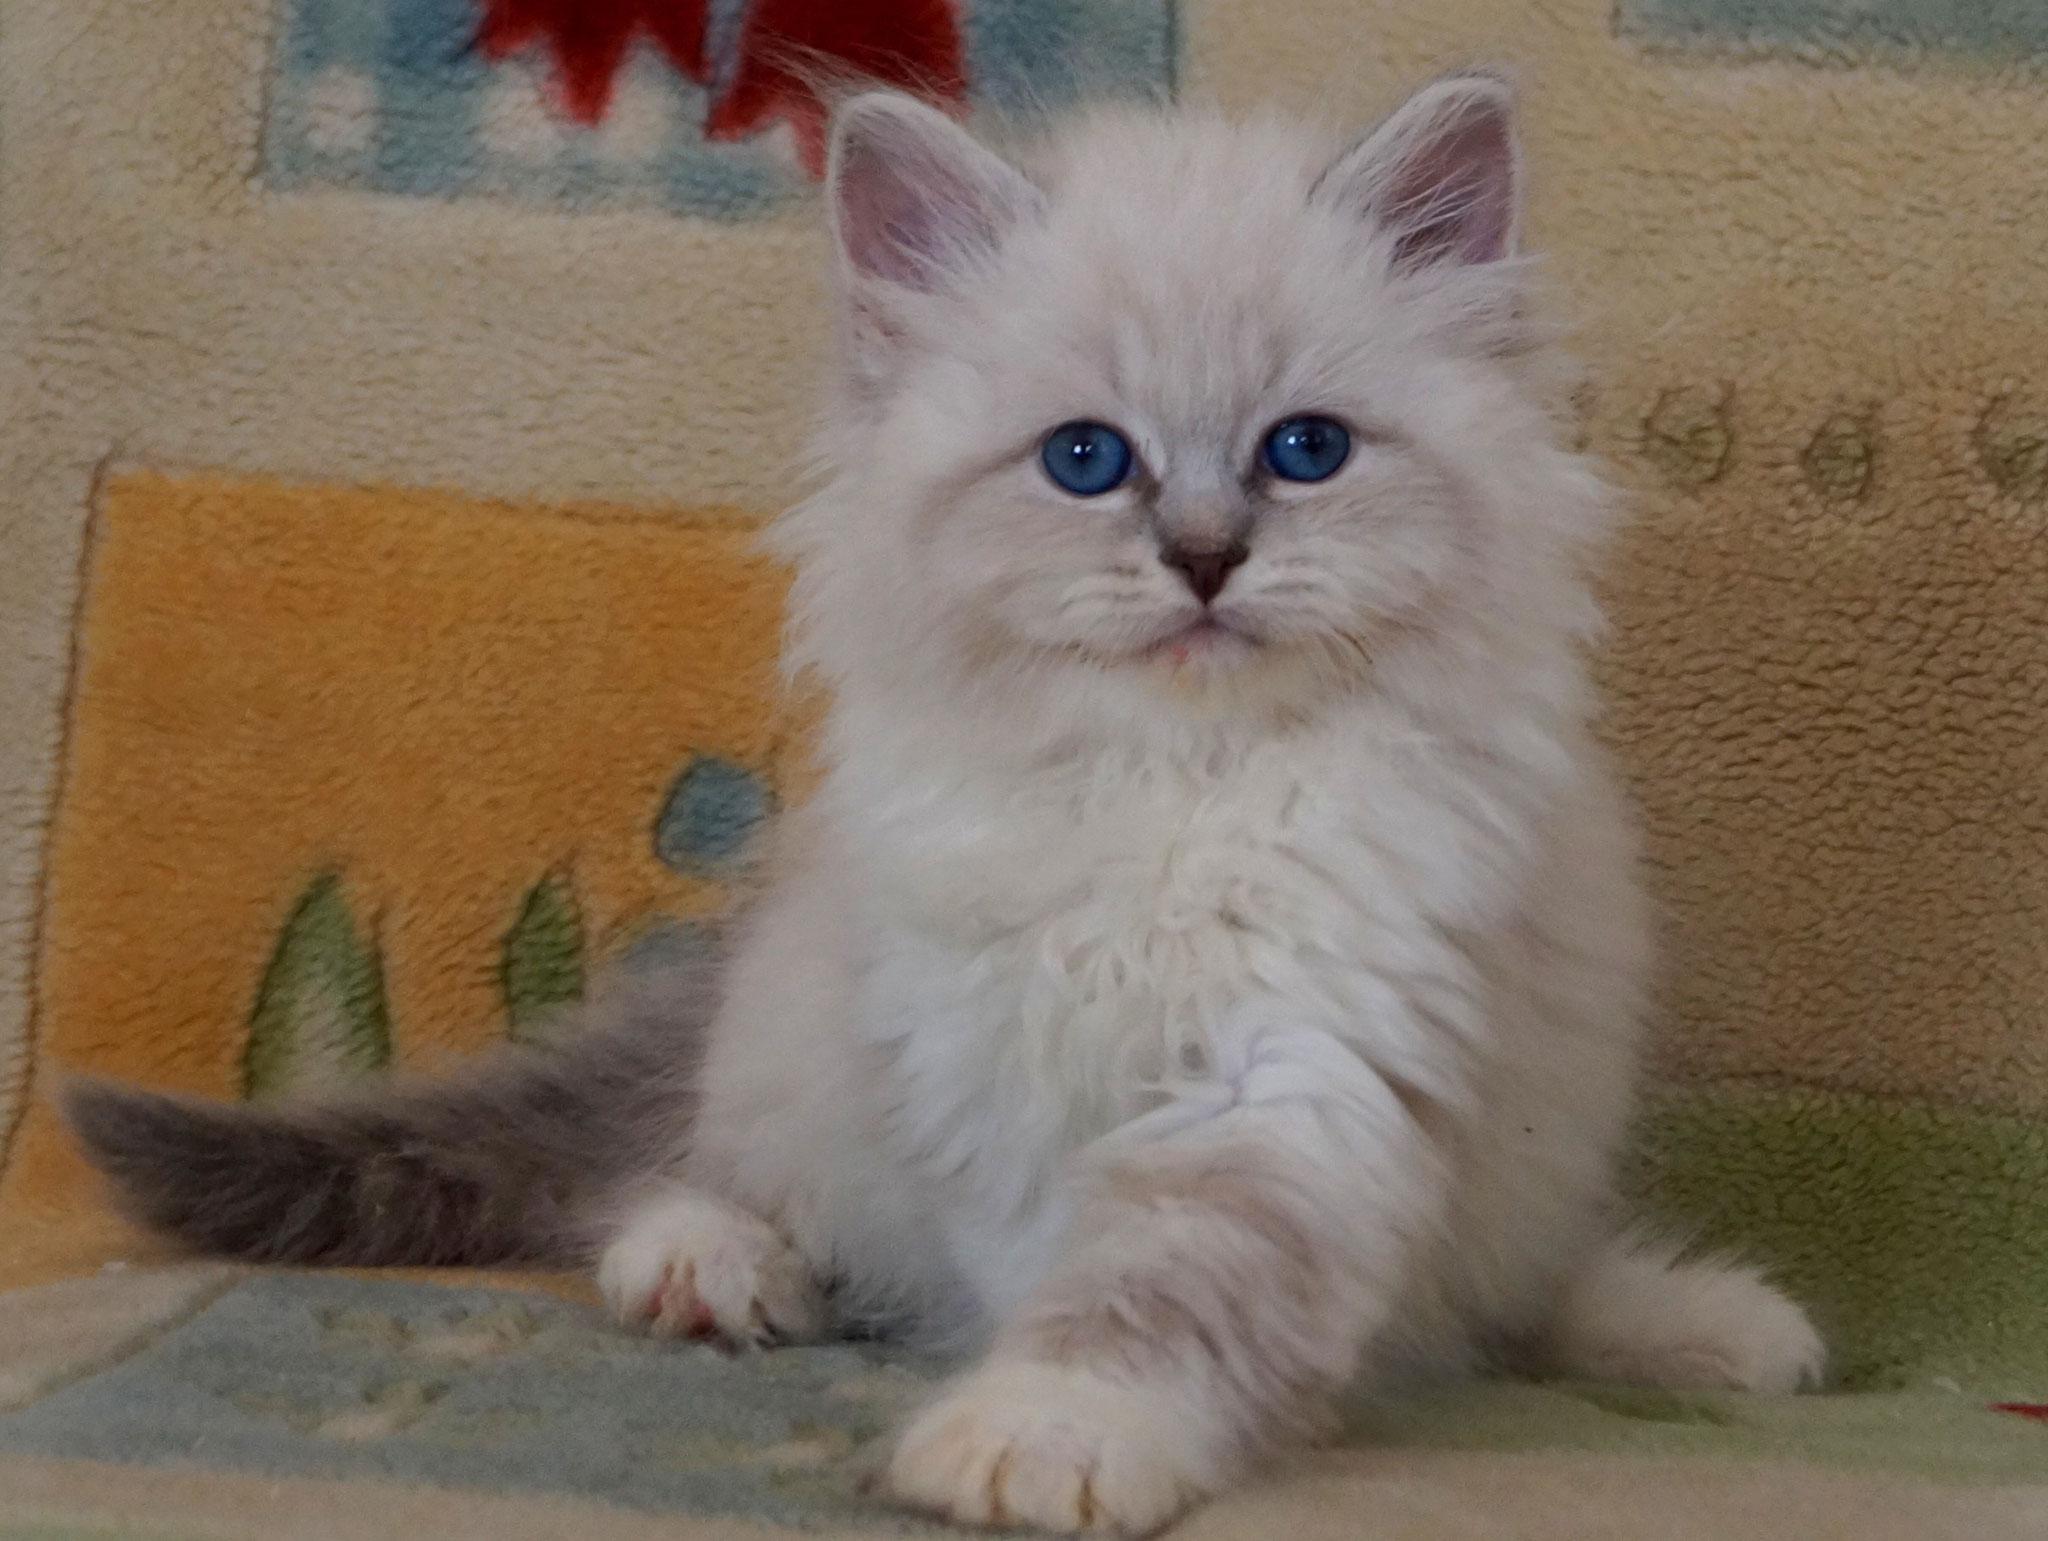 Апраксия, кошка, а 09 21 33, резерв Польша